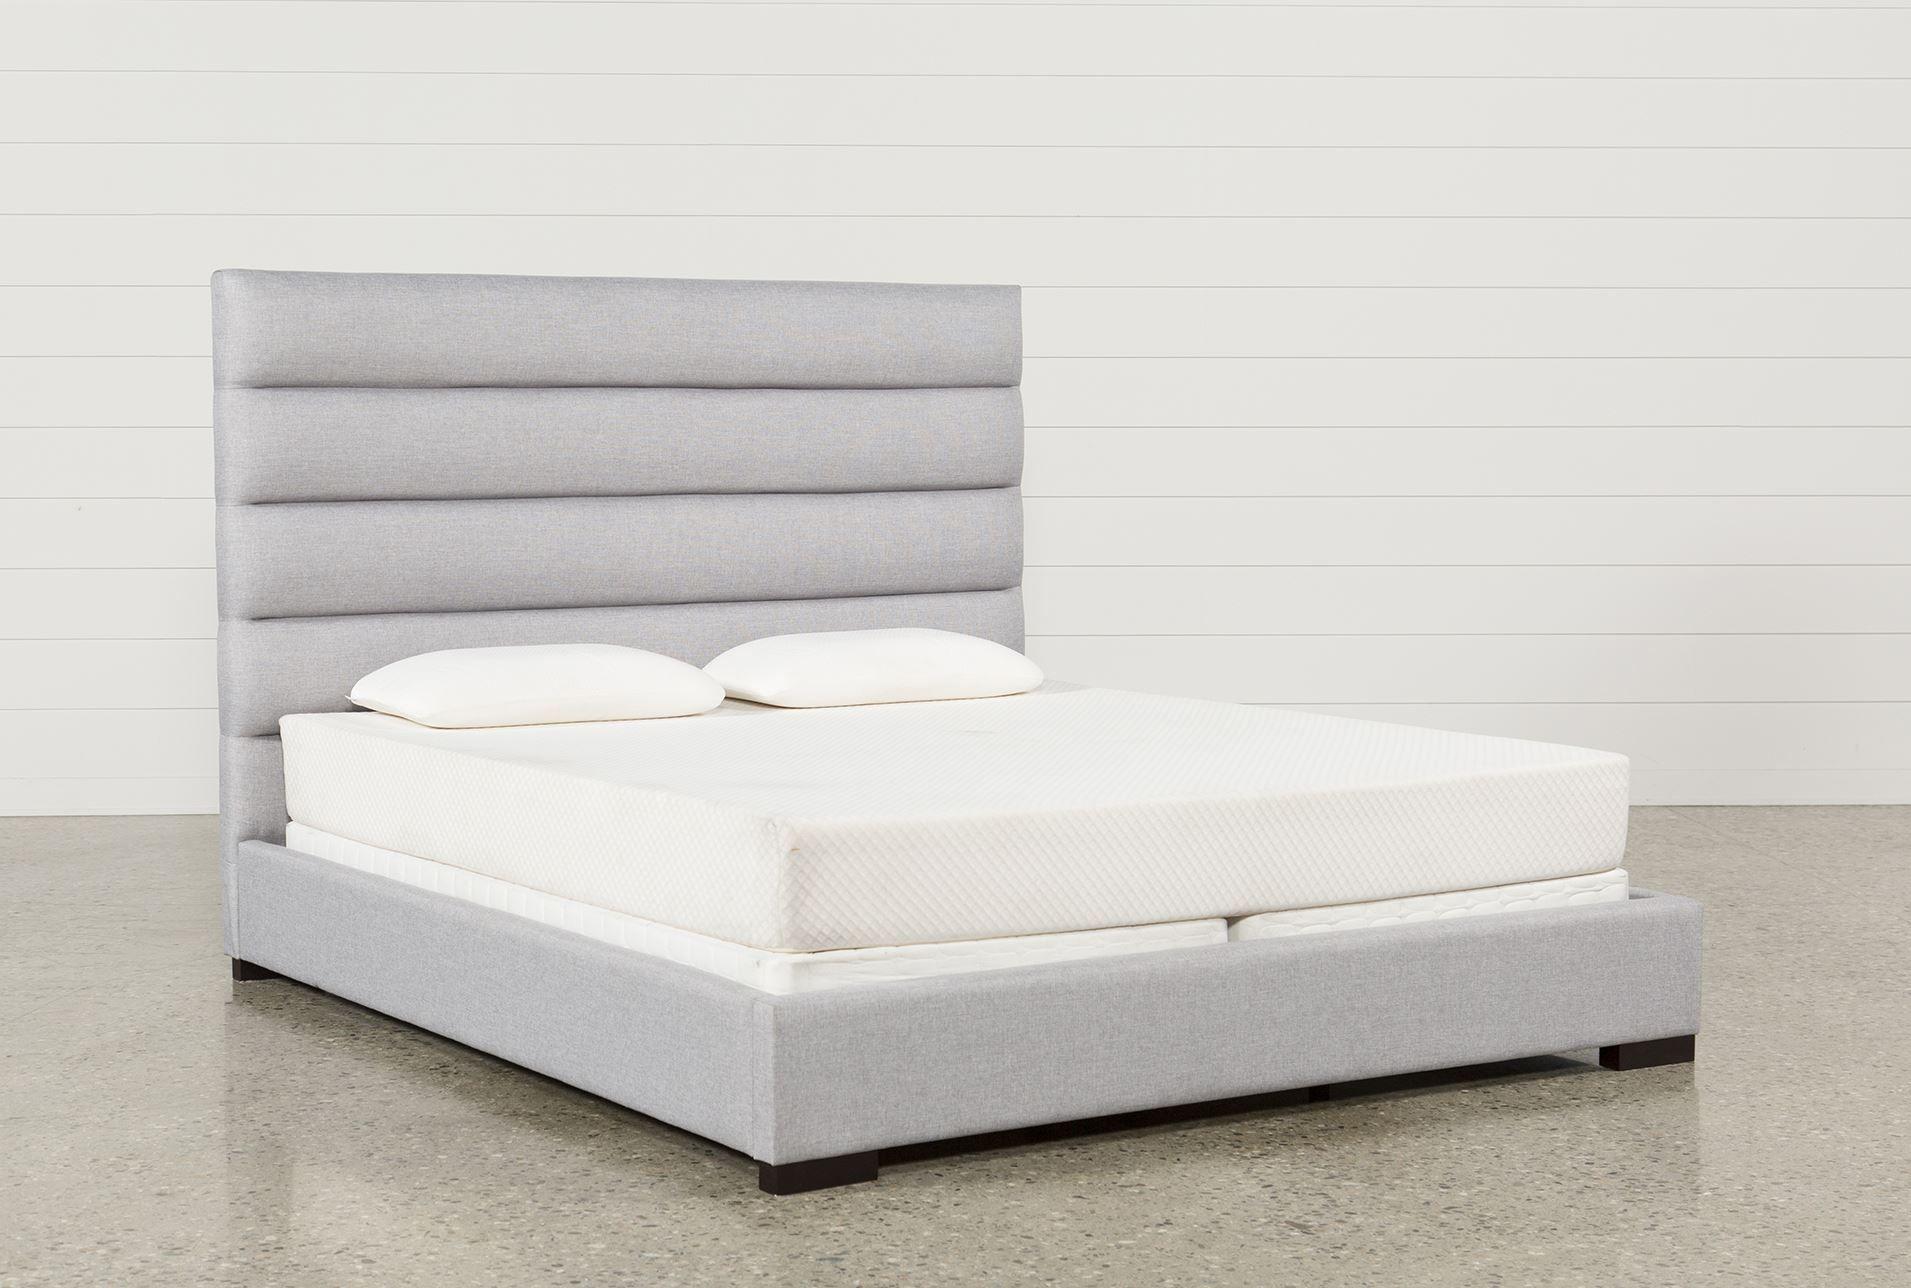 California King Upholstered Platform Bed, Hudson, Grey | Deberes y ...